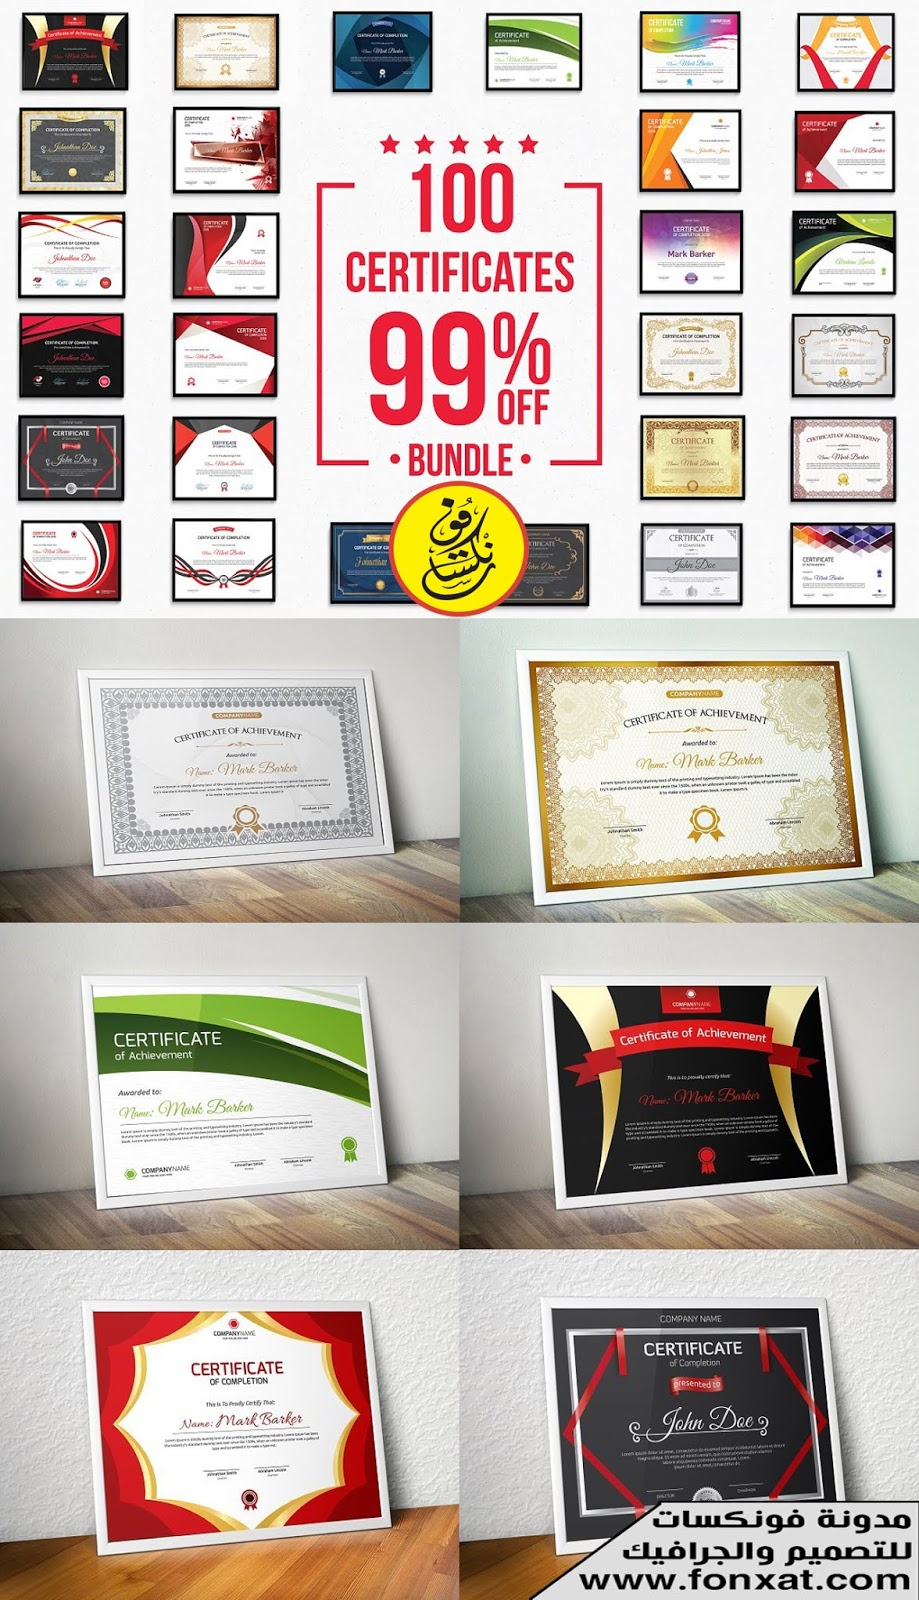 مجموعة كبيرة من شهادات التقدير مفتوحة المصدر 100 شهادة تقدير بصيغة psd